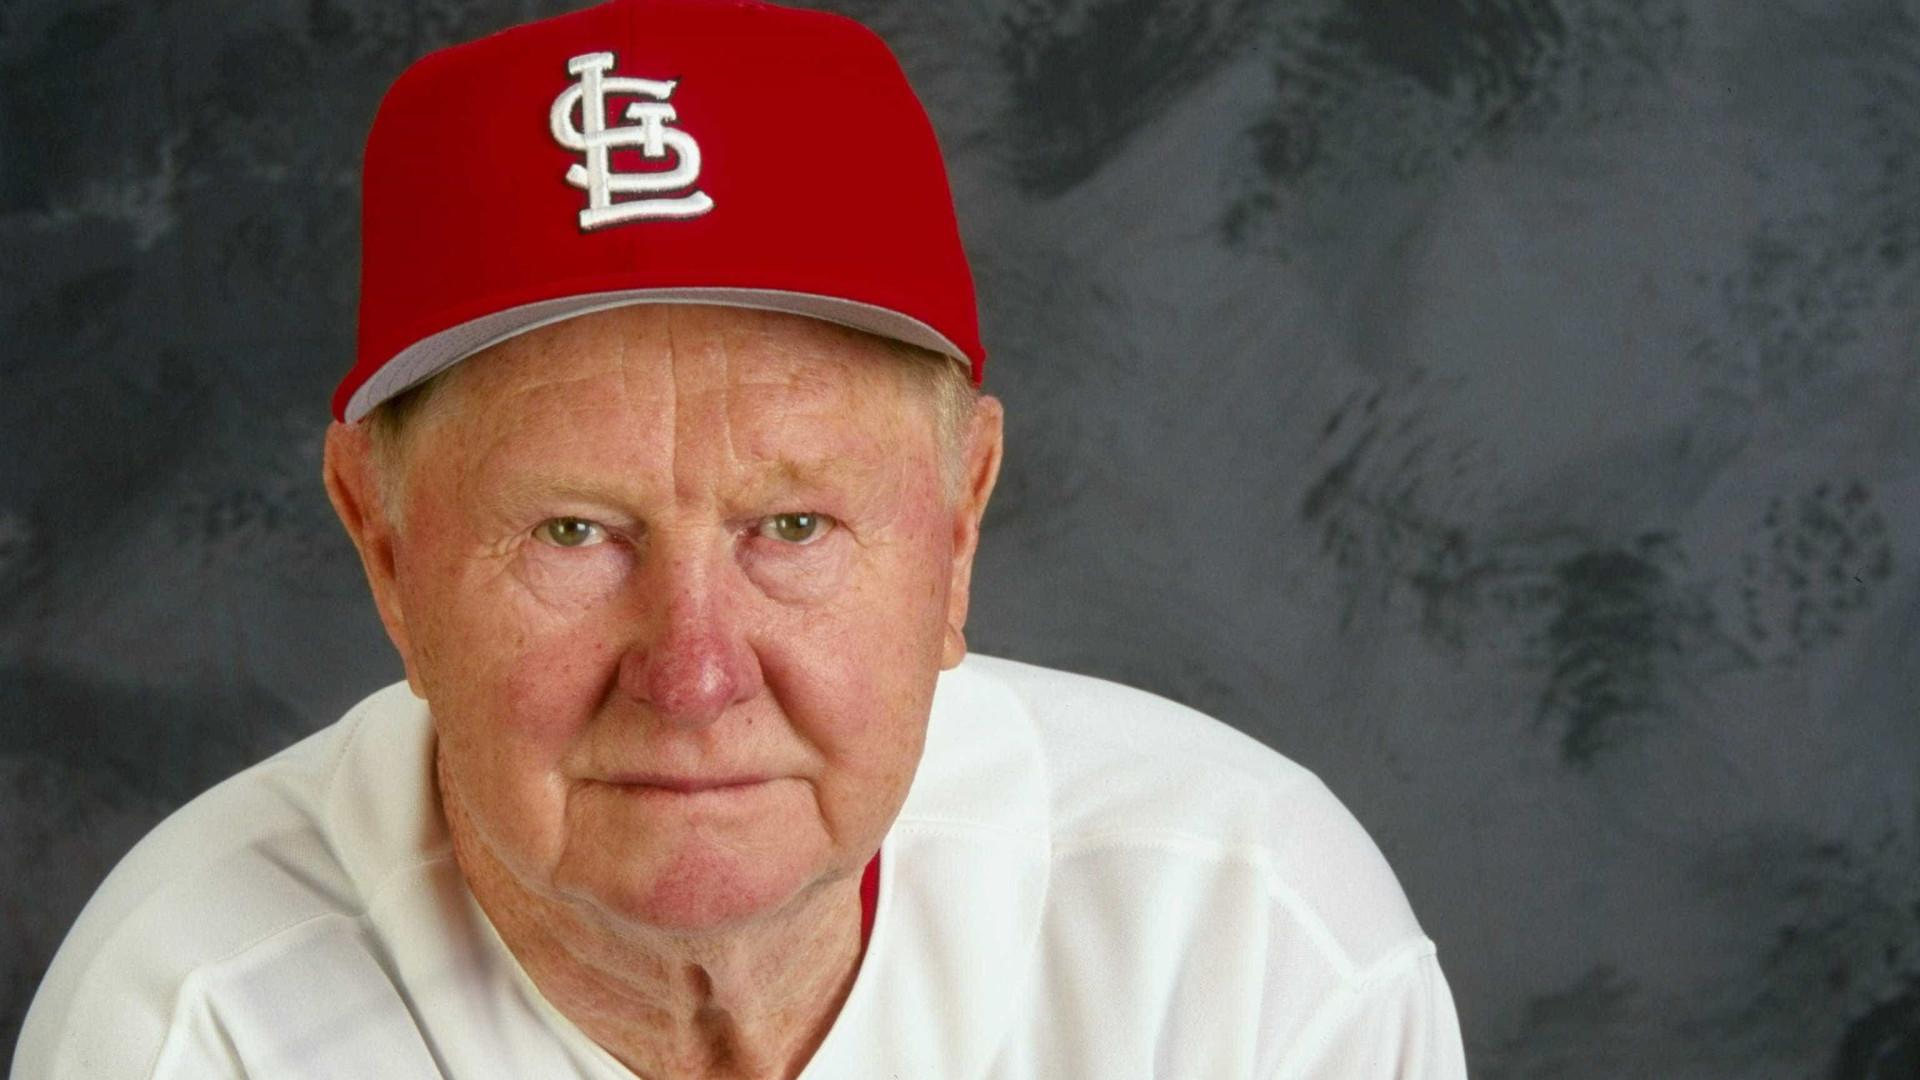 Morre o atleta mais velho do Hall da Fama do beisebol, aos 95 anos